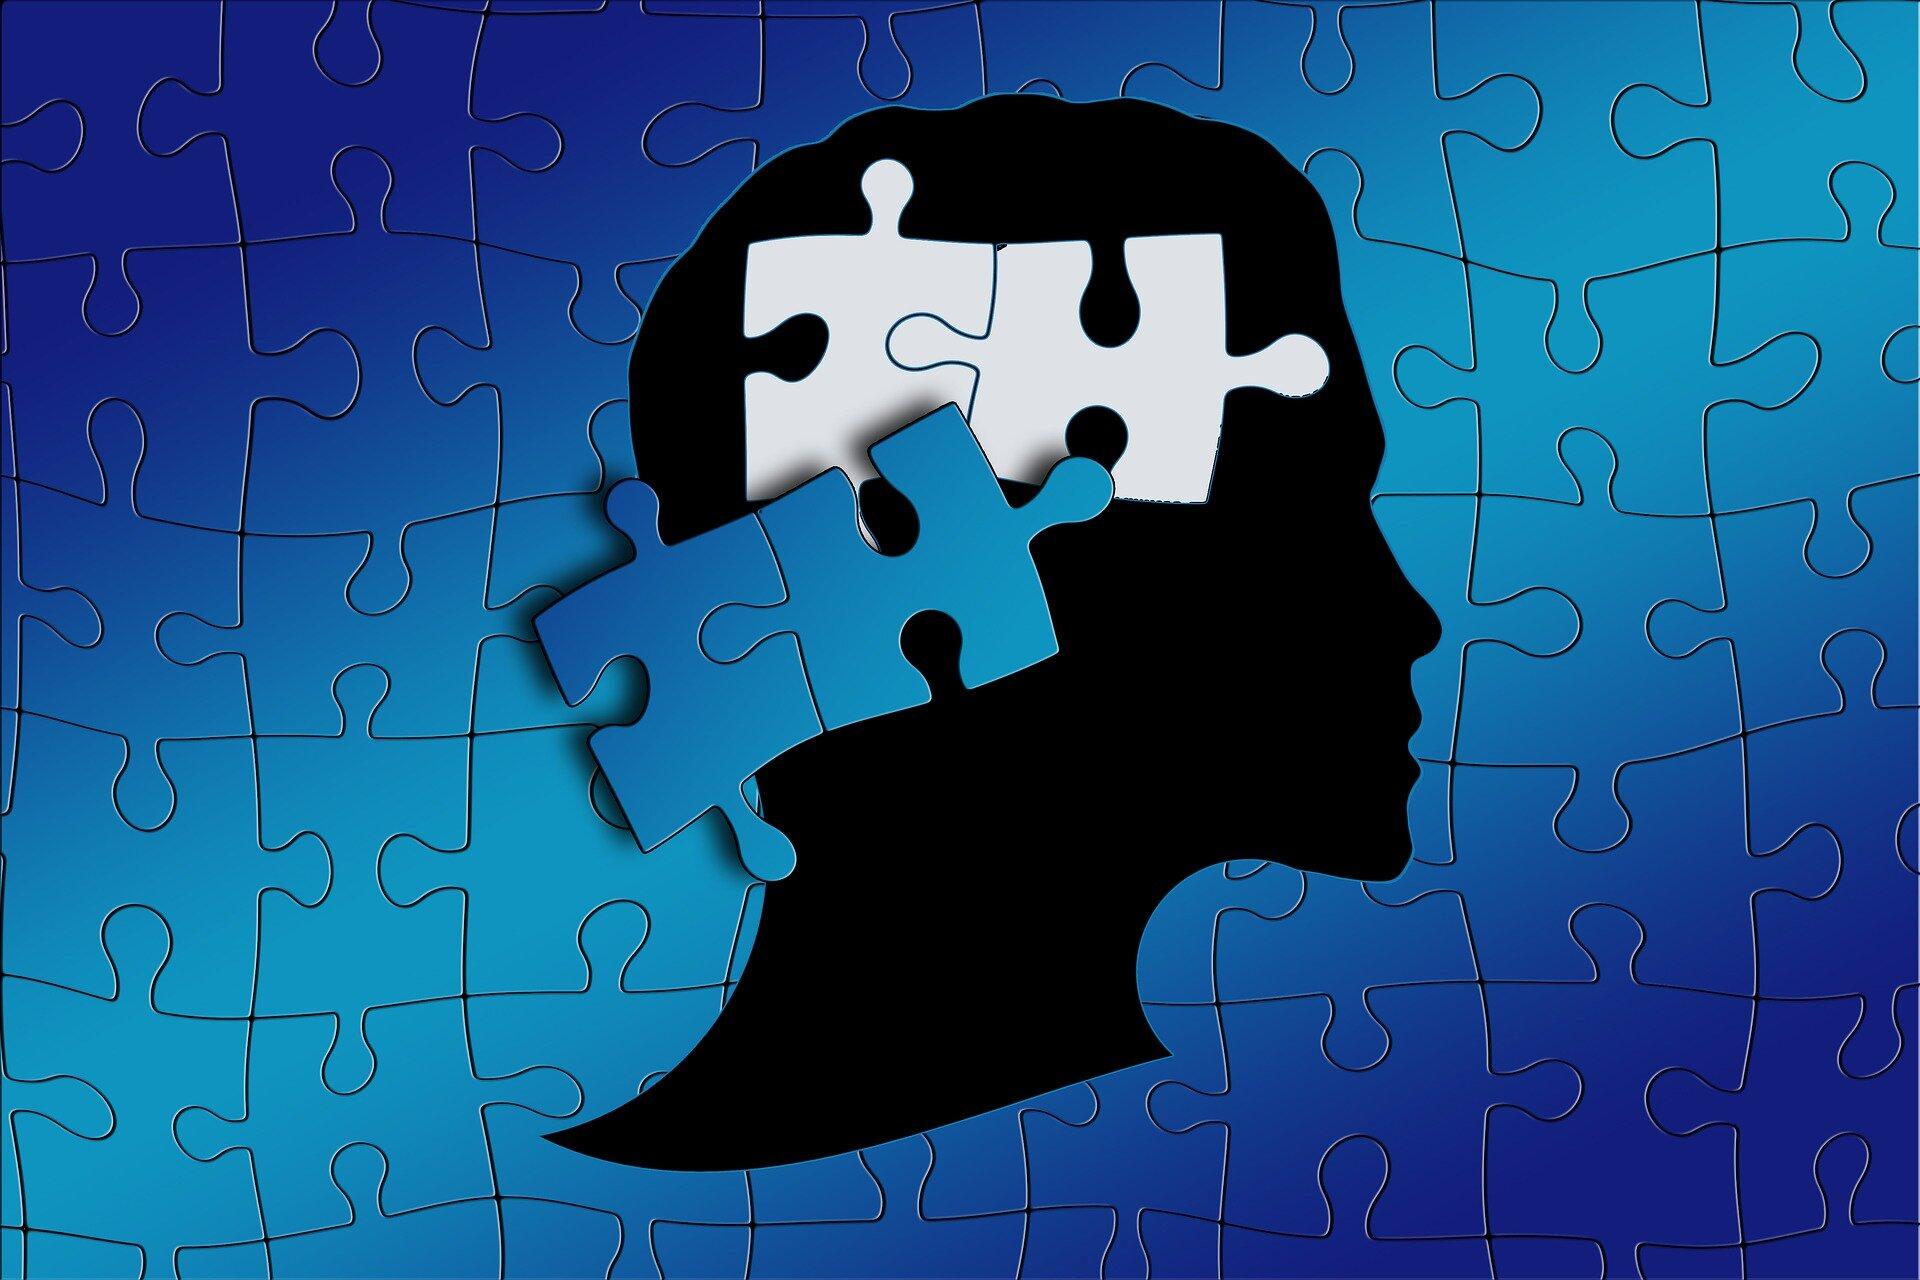 Αυτισμός: Γιατί συμβαίνει συχνότερα στους άνδρες